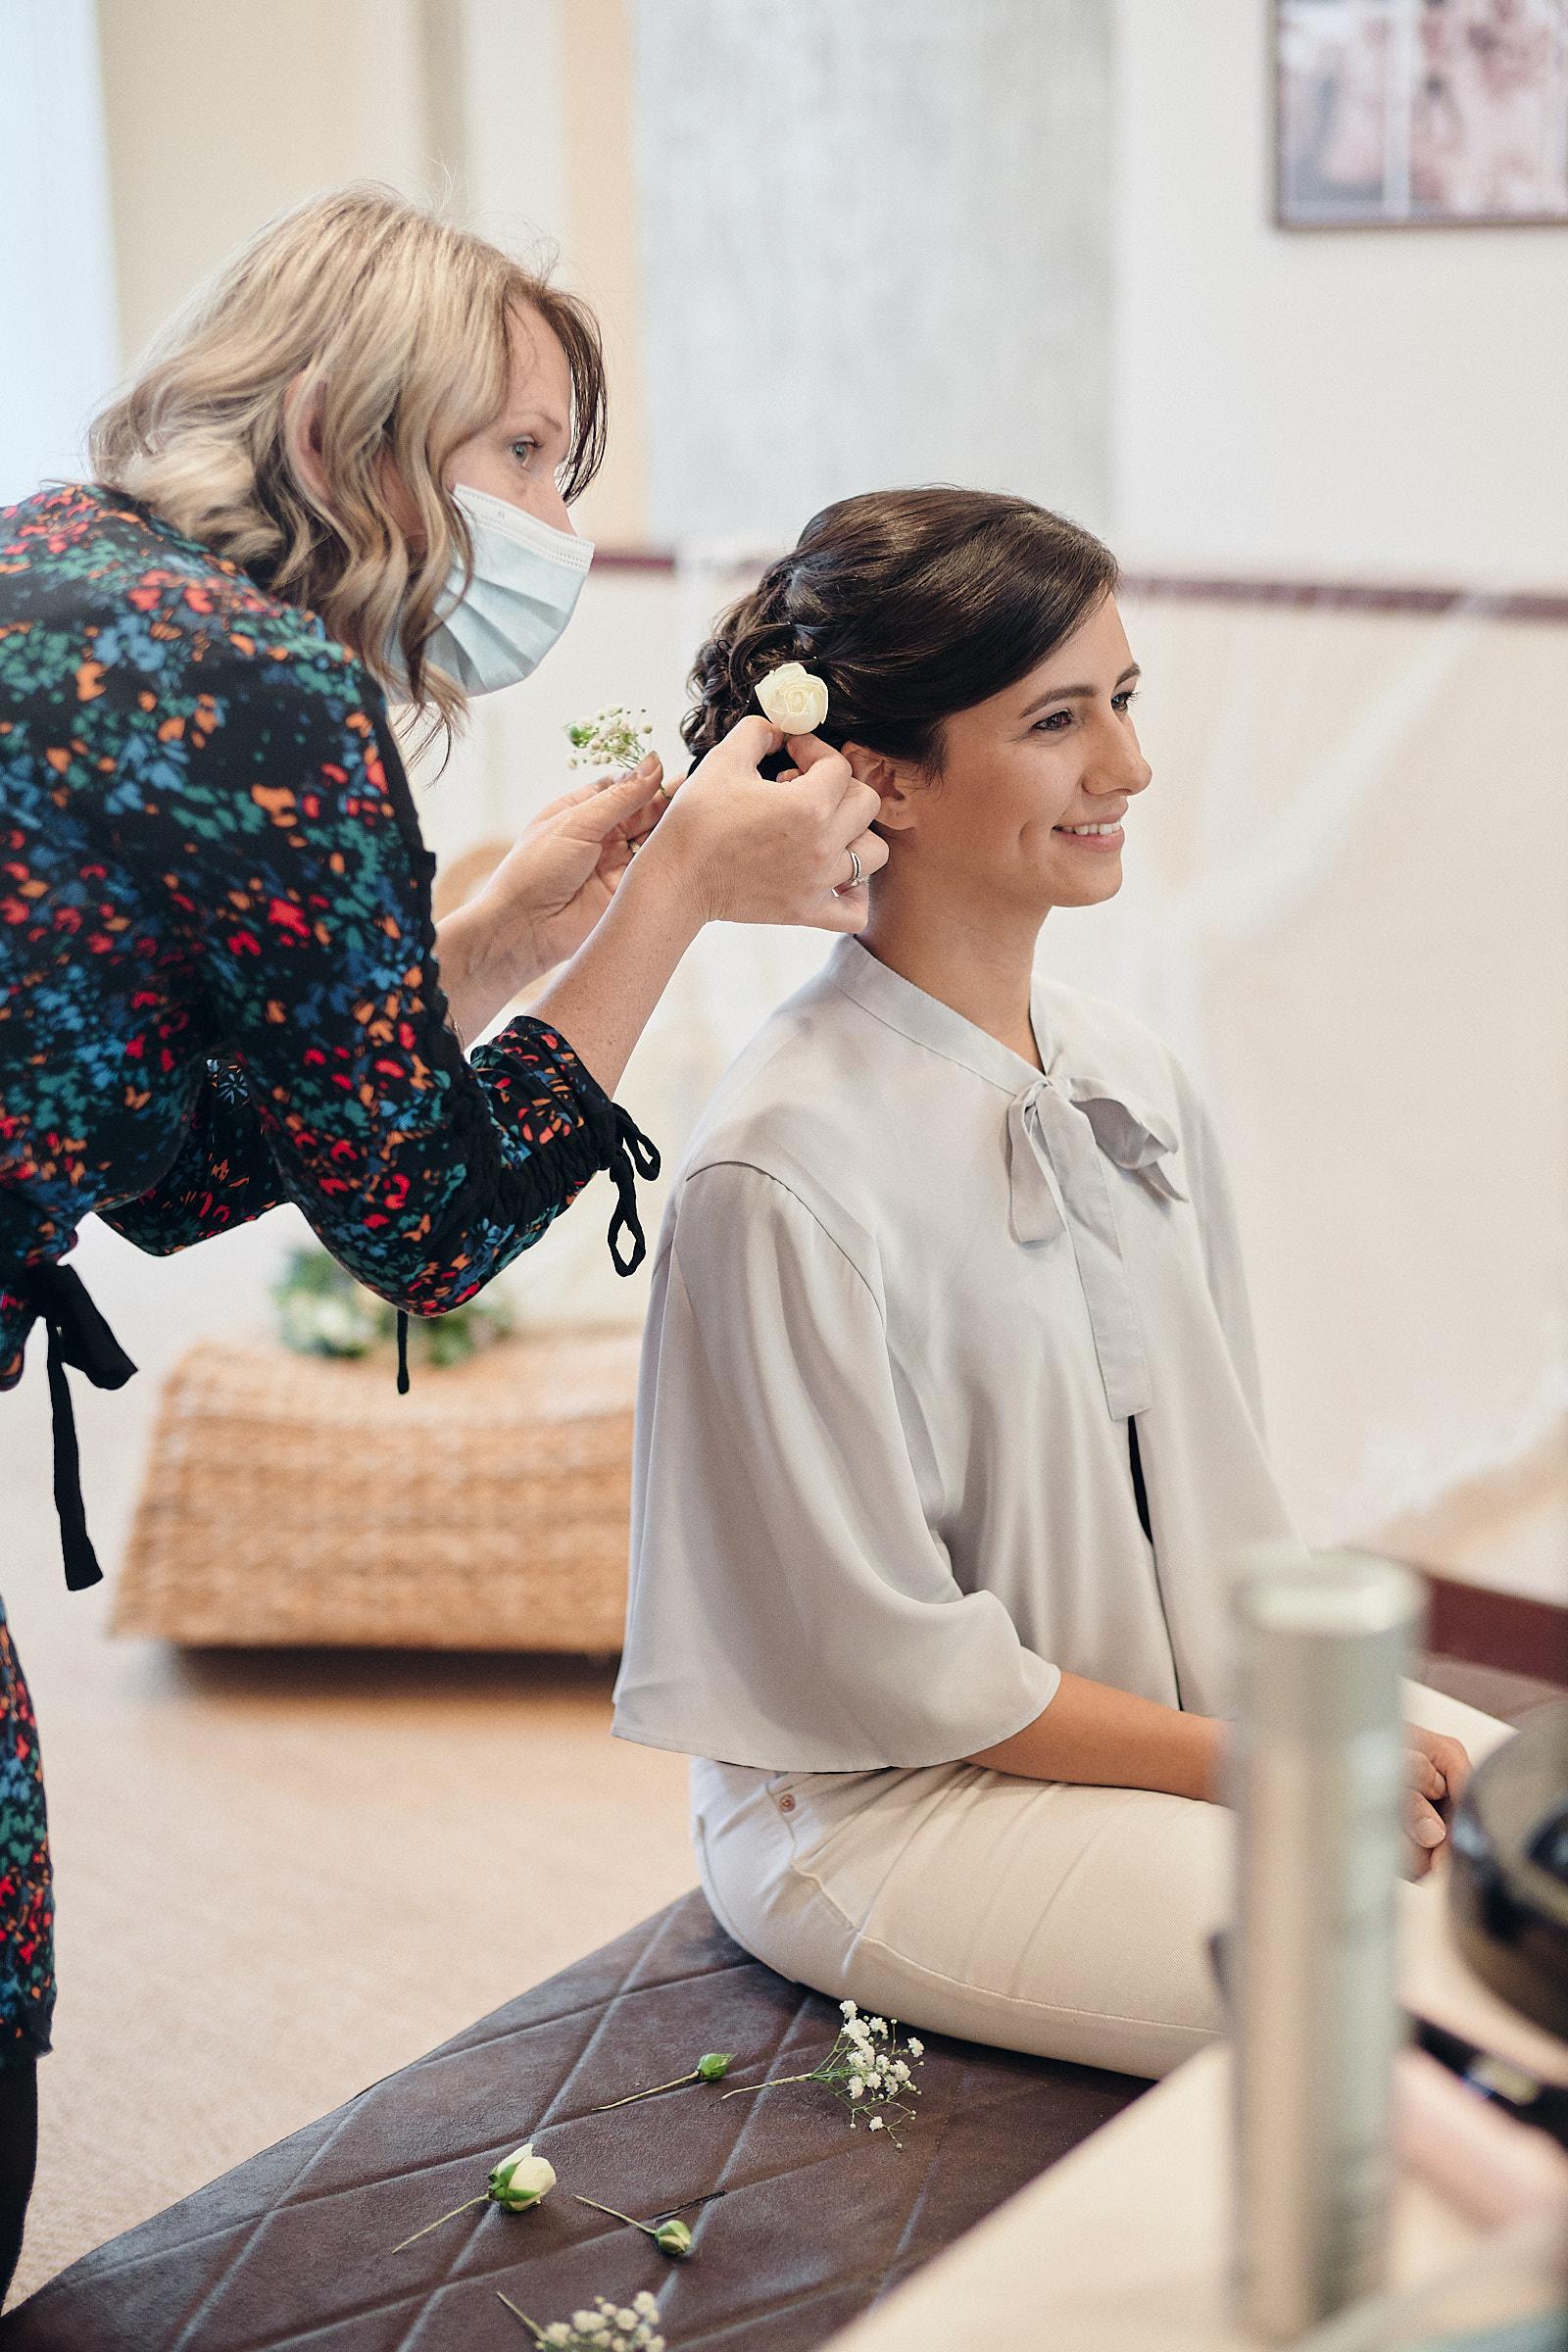 dernière retouche à la coiffure de la mariée